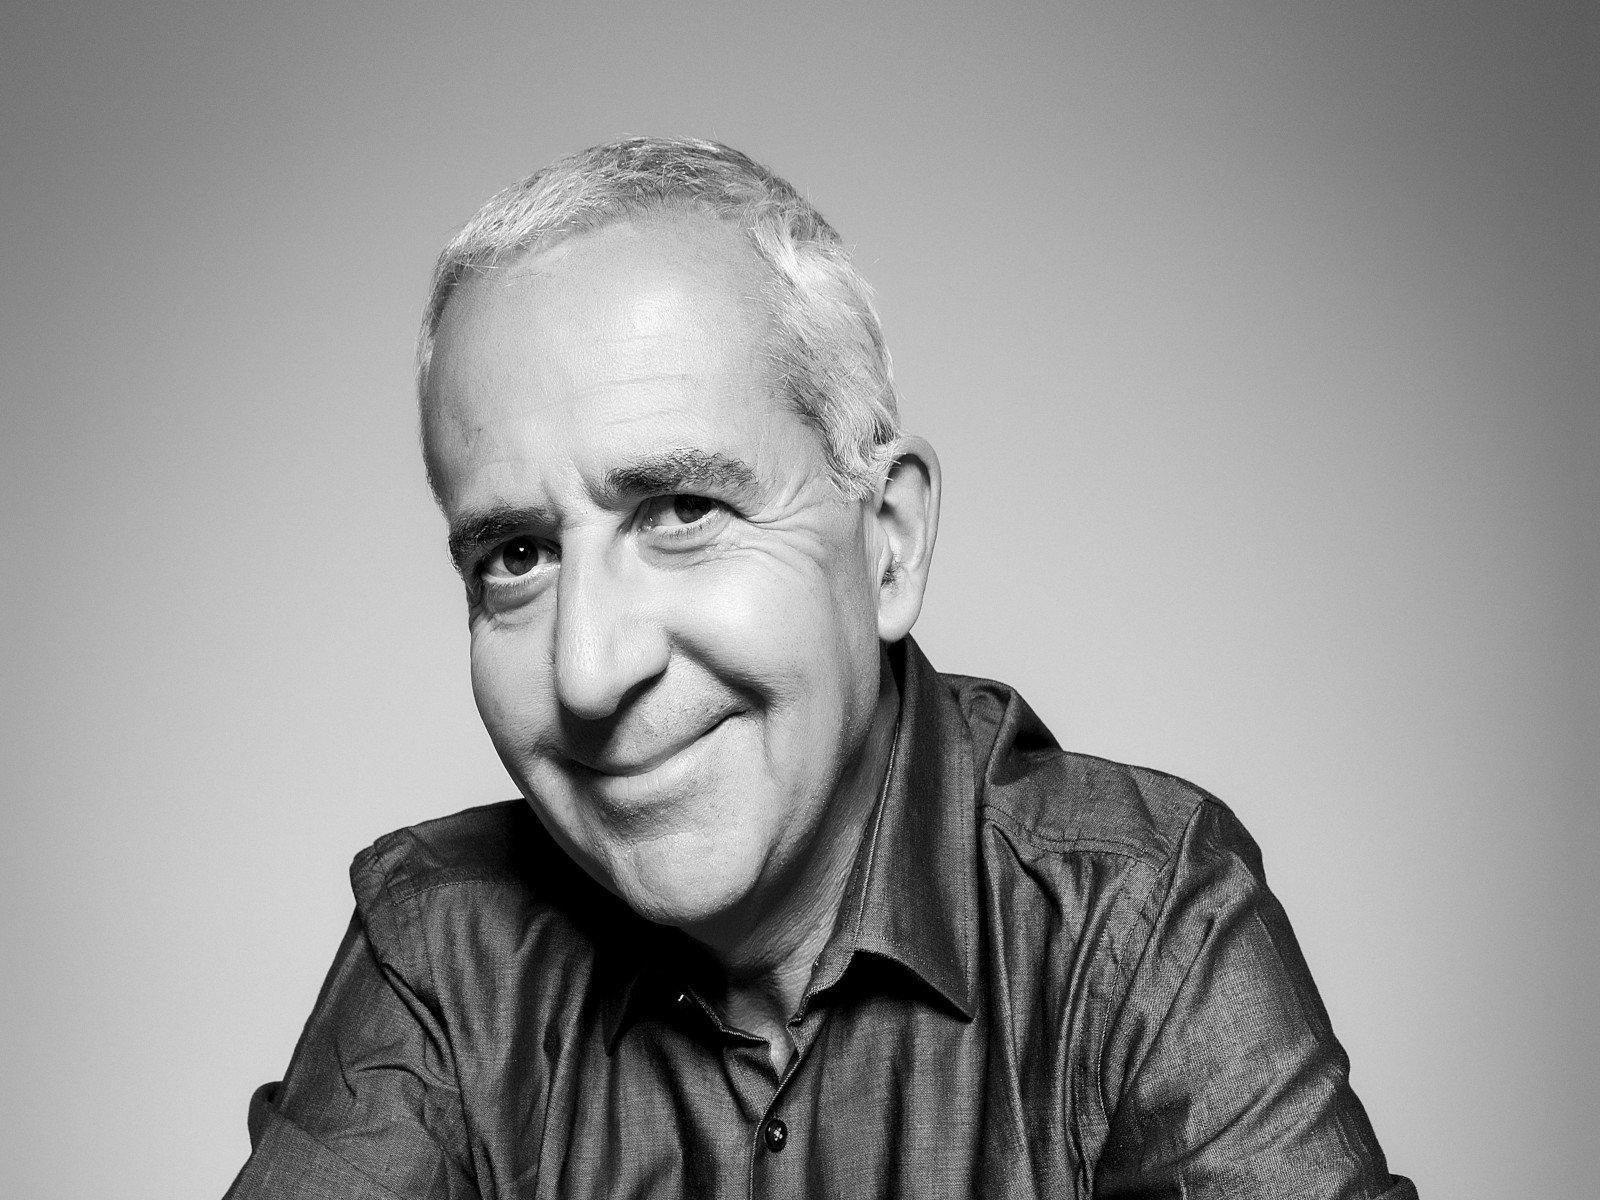 Antonio Fossati